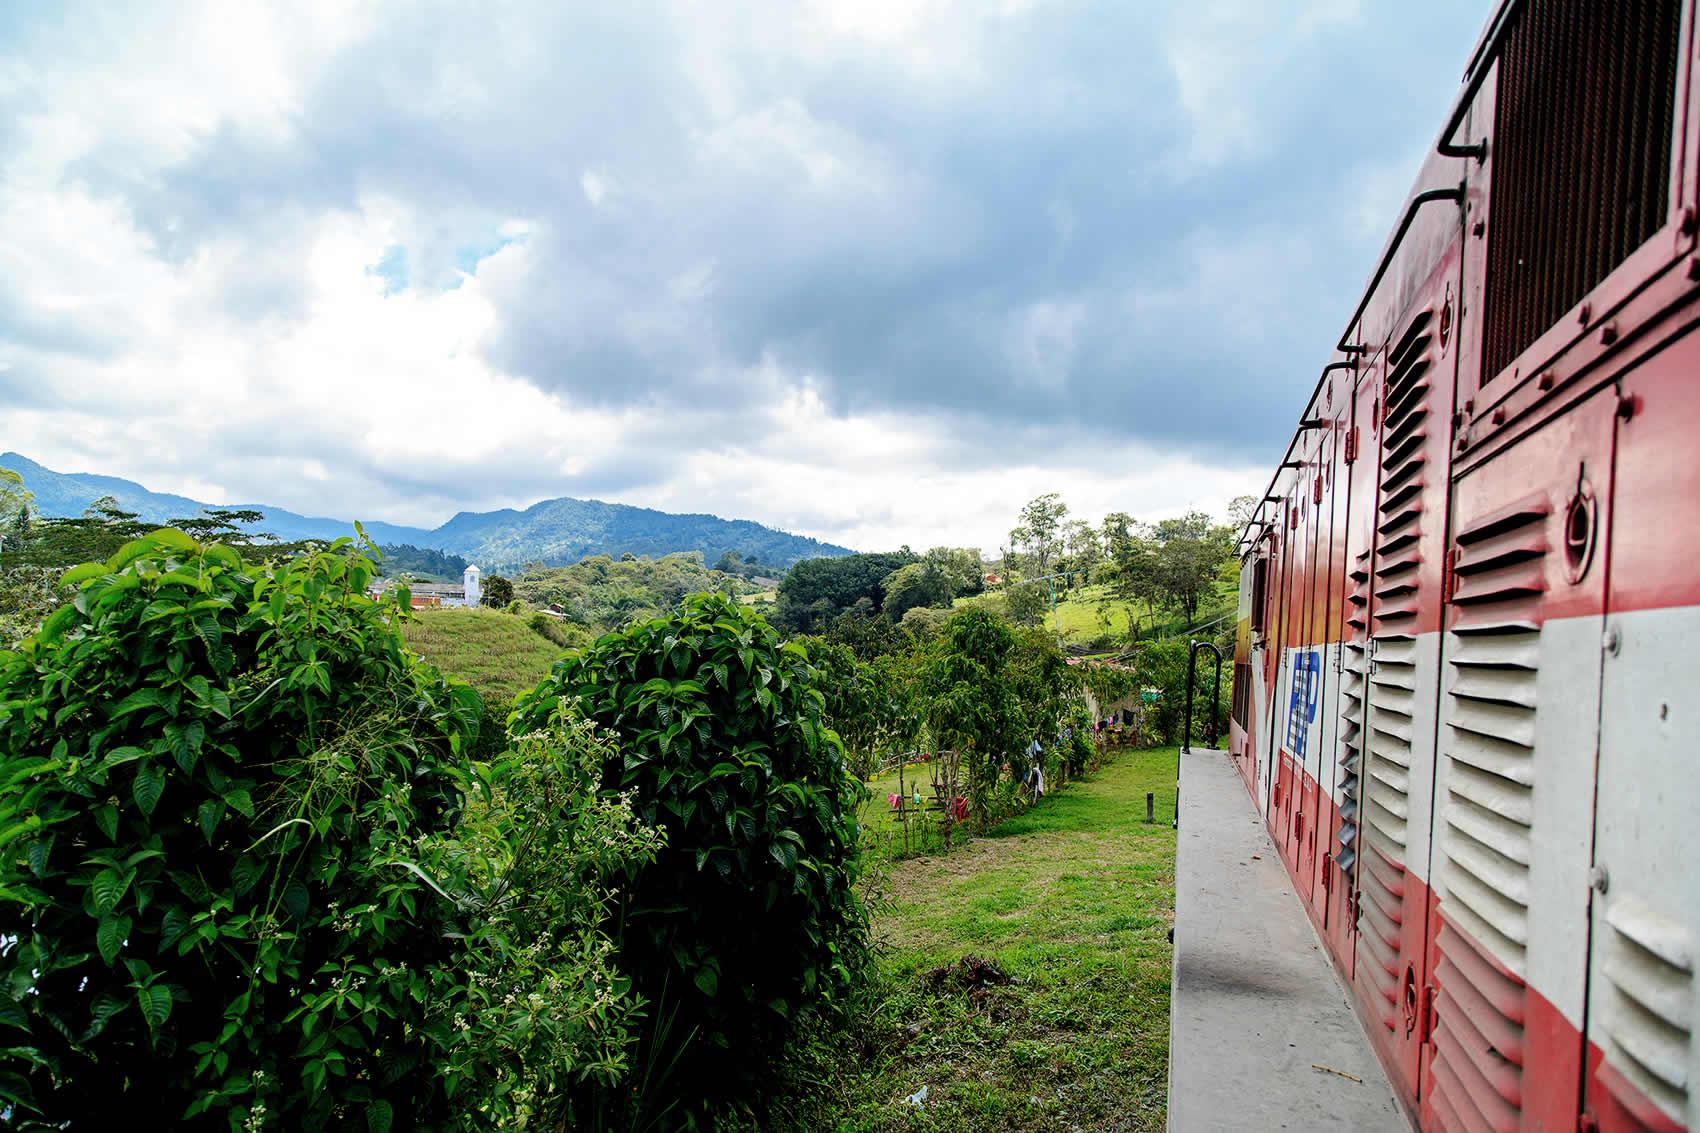 El sueño 'descarrilado' de que vuelva el Ferrocarril del Pacífico